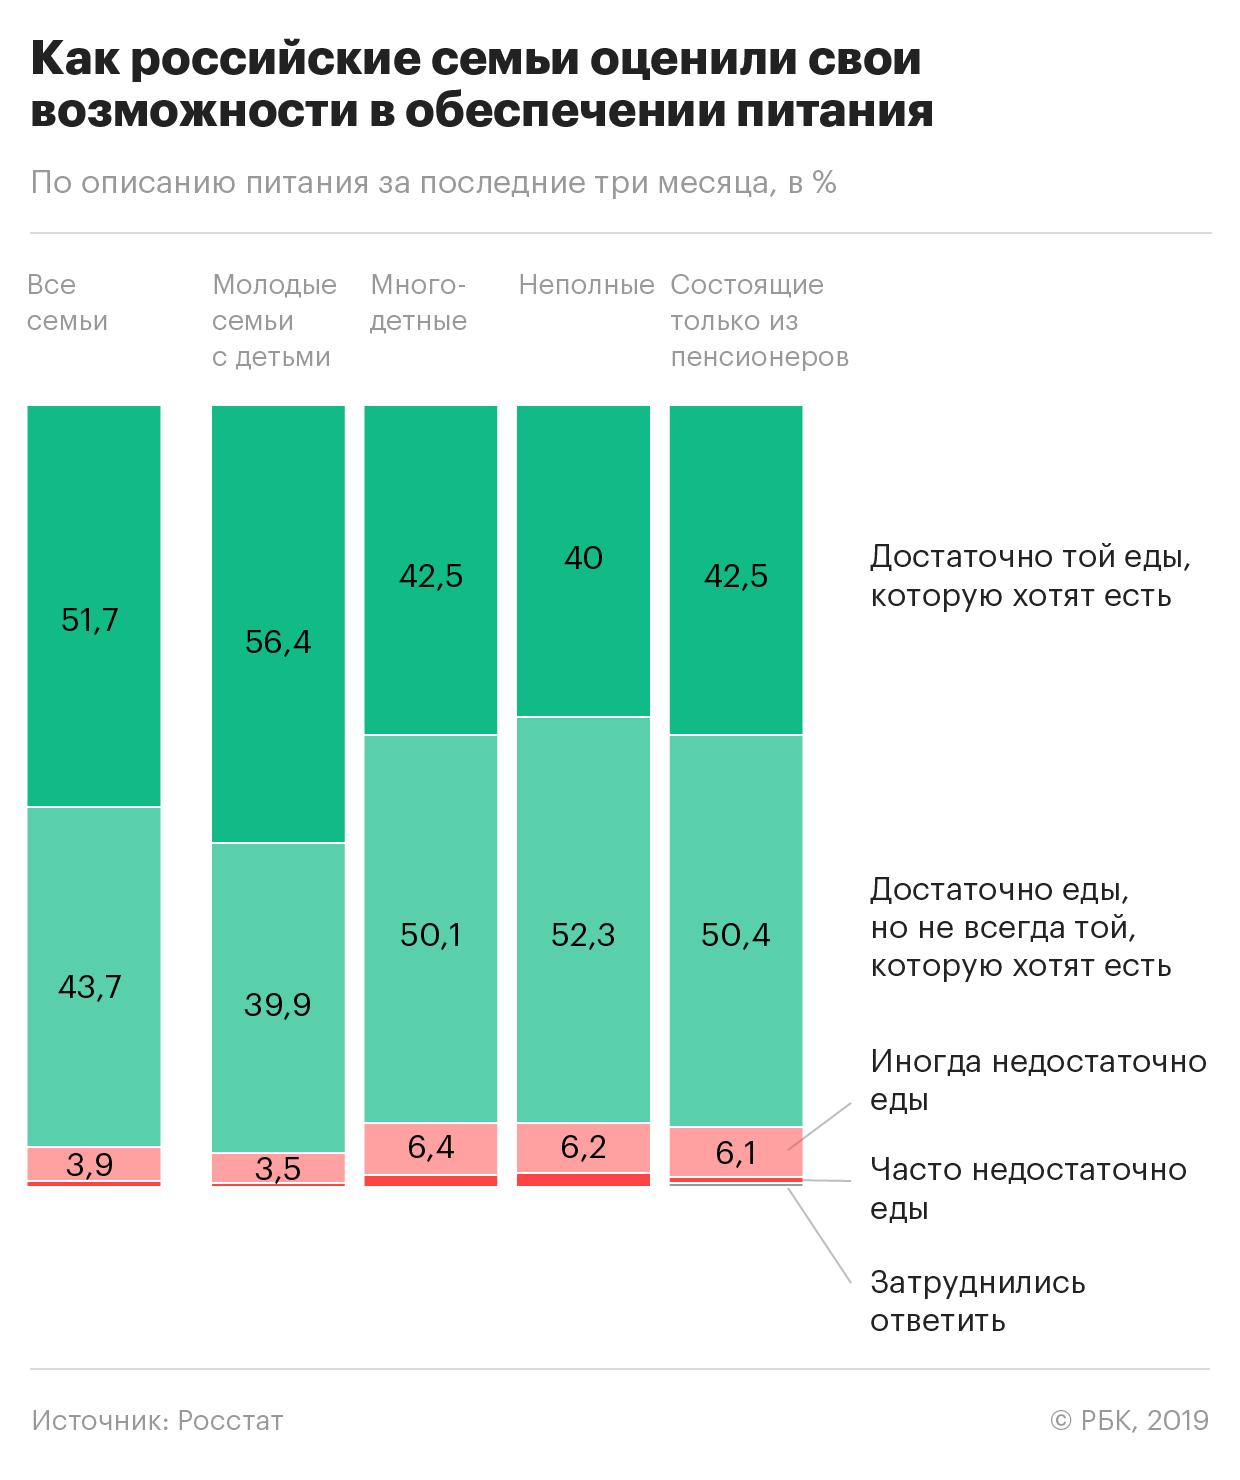 В каждой шестой семье в России стали питаться хуже